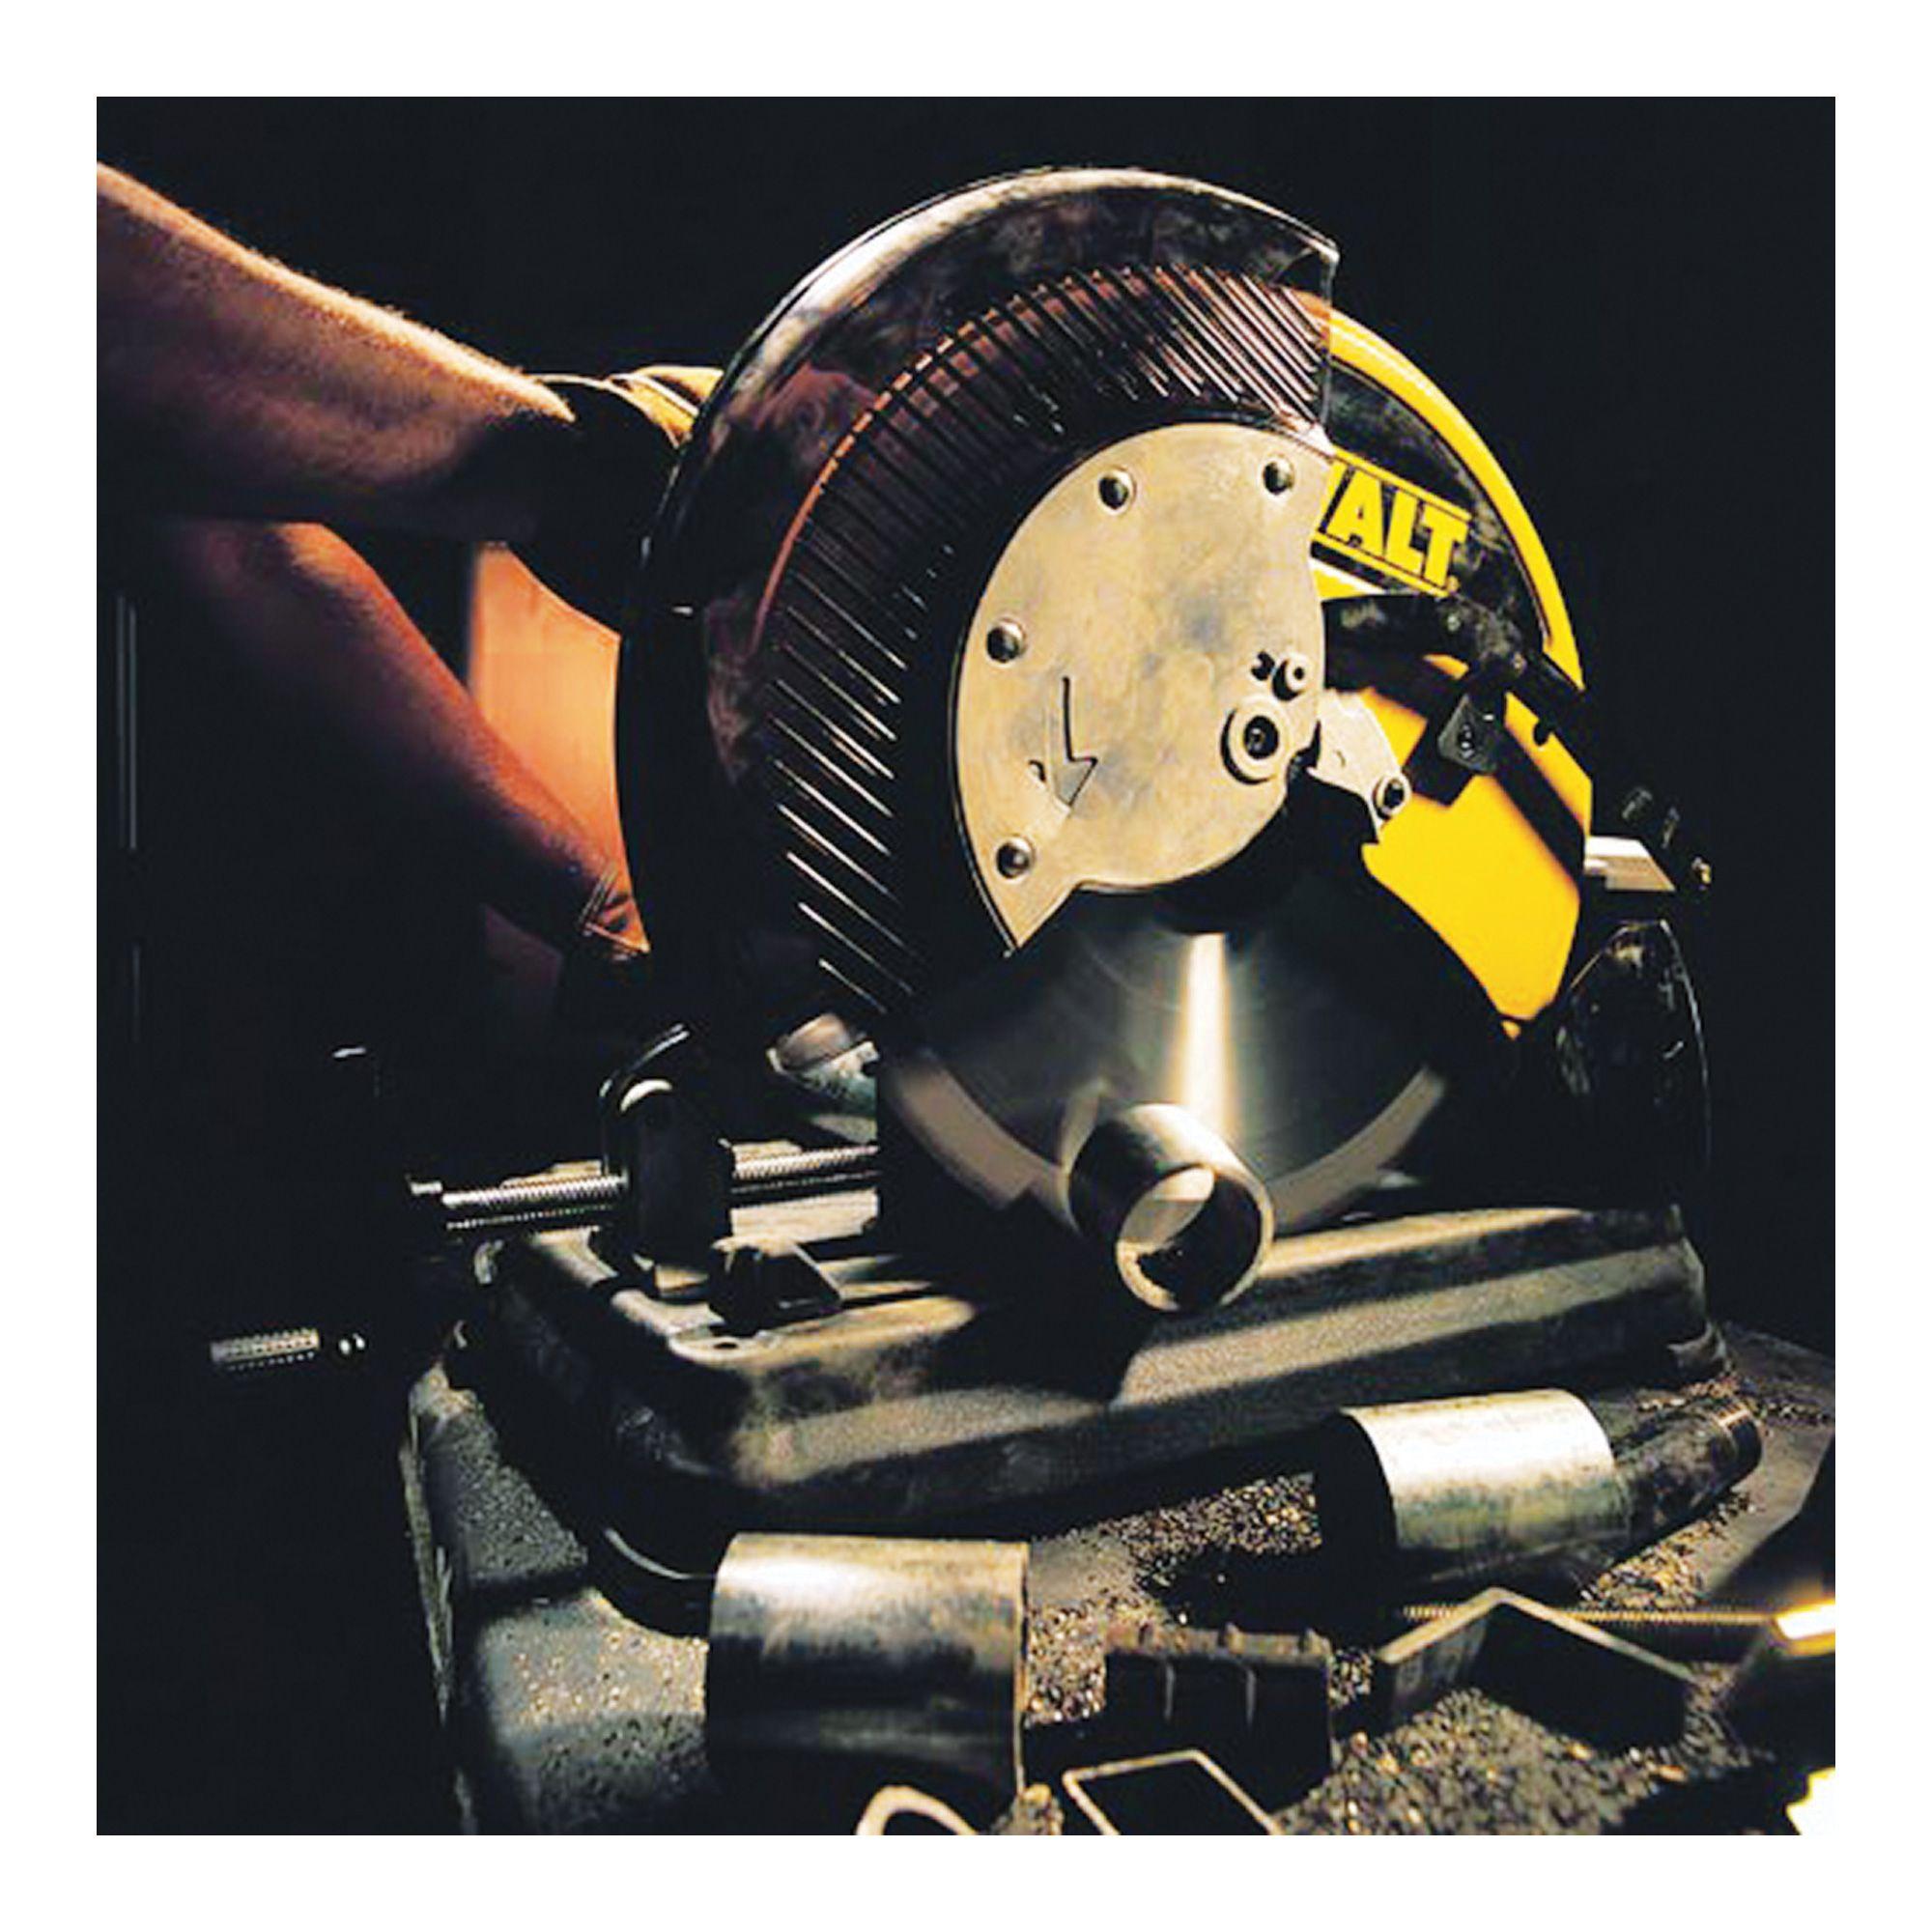 dewalt multi cutter saw 15 amps model dw872 blade and dewalt tools